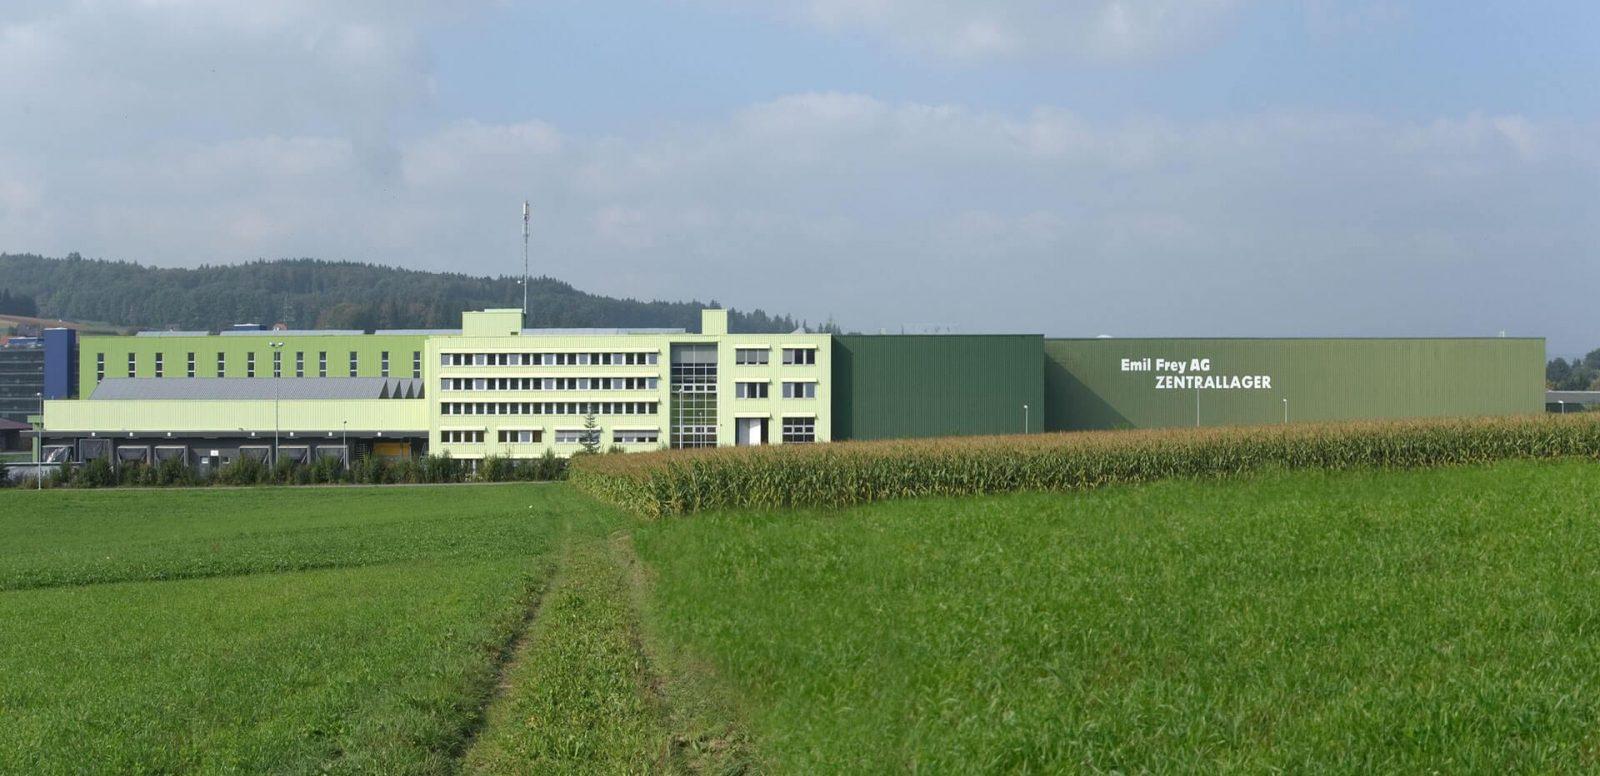 25 Zentrallager Efag Safenwil Foto 01